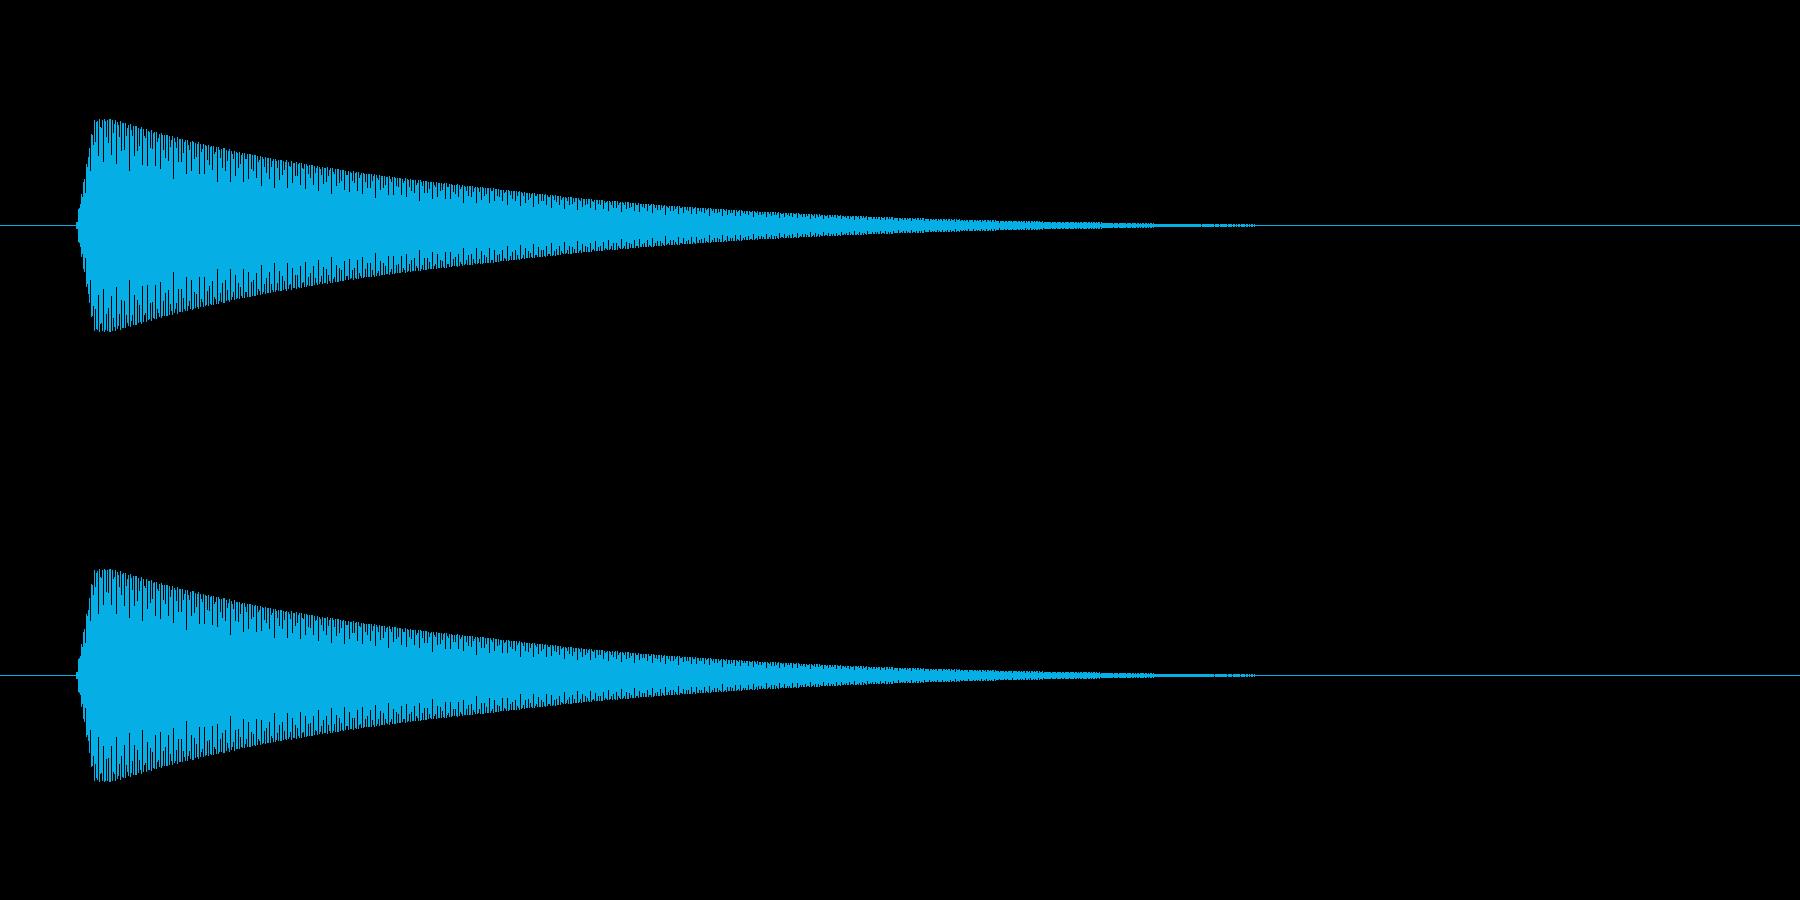 ポン 低【キャンセル音:おしゃれで綺麗】の再生済みの波形